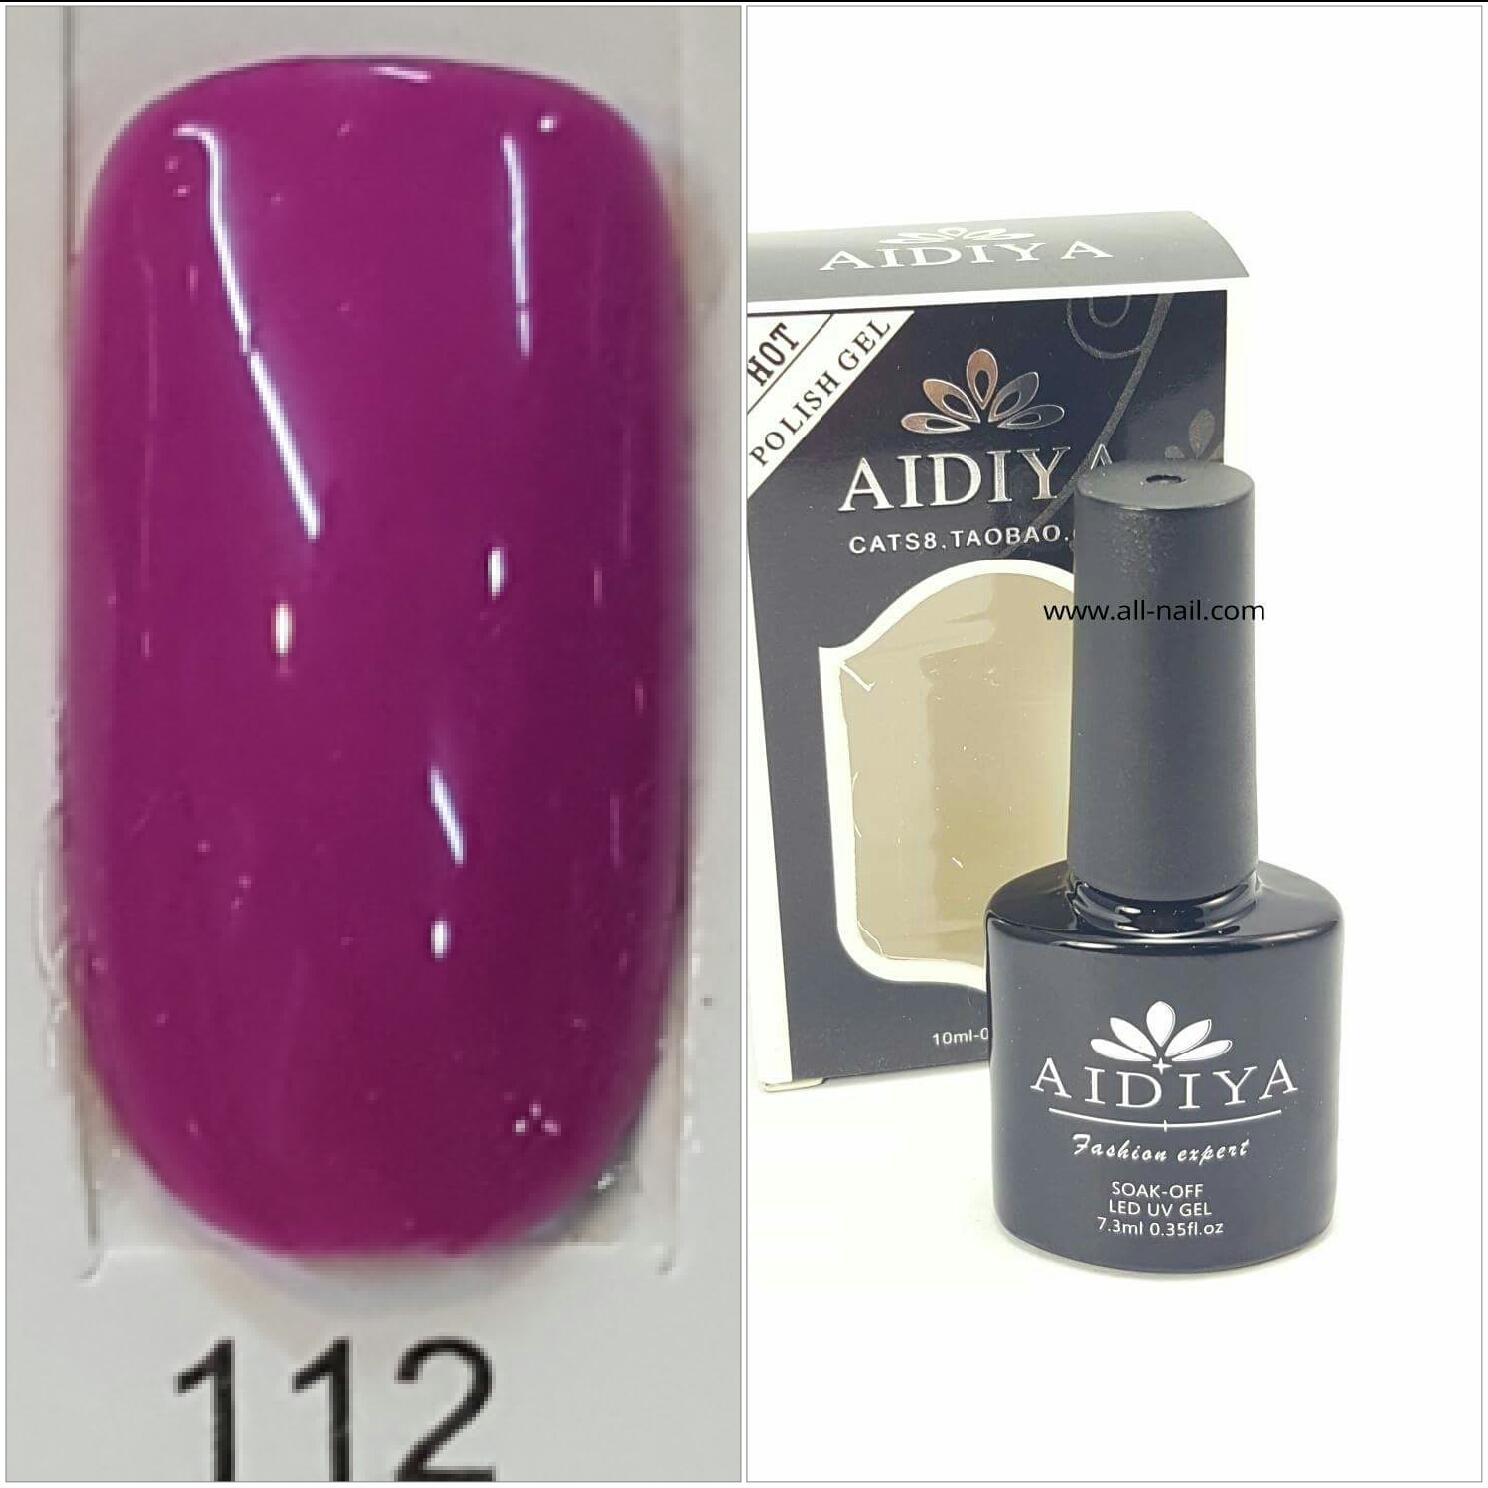 สีเจลทาเล็บ AIDIYA #112